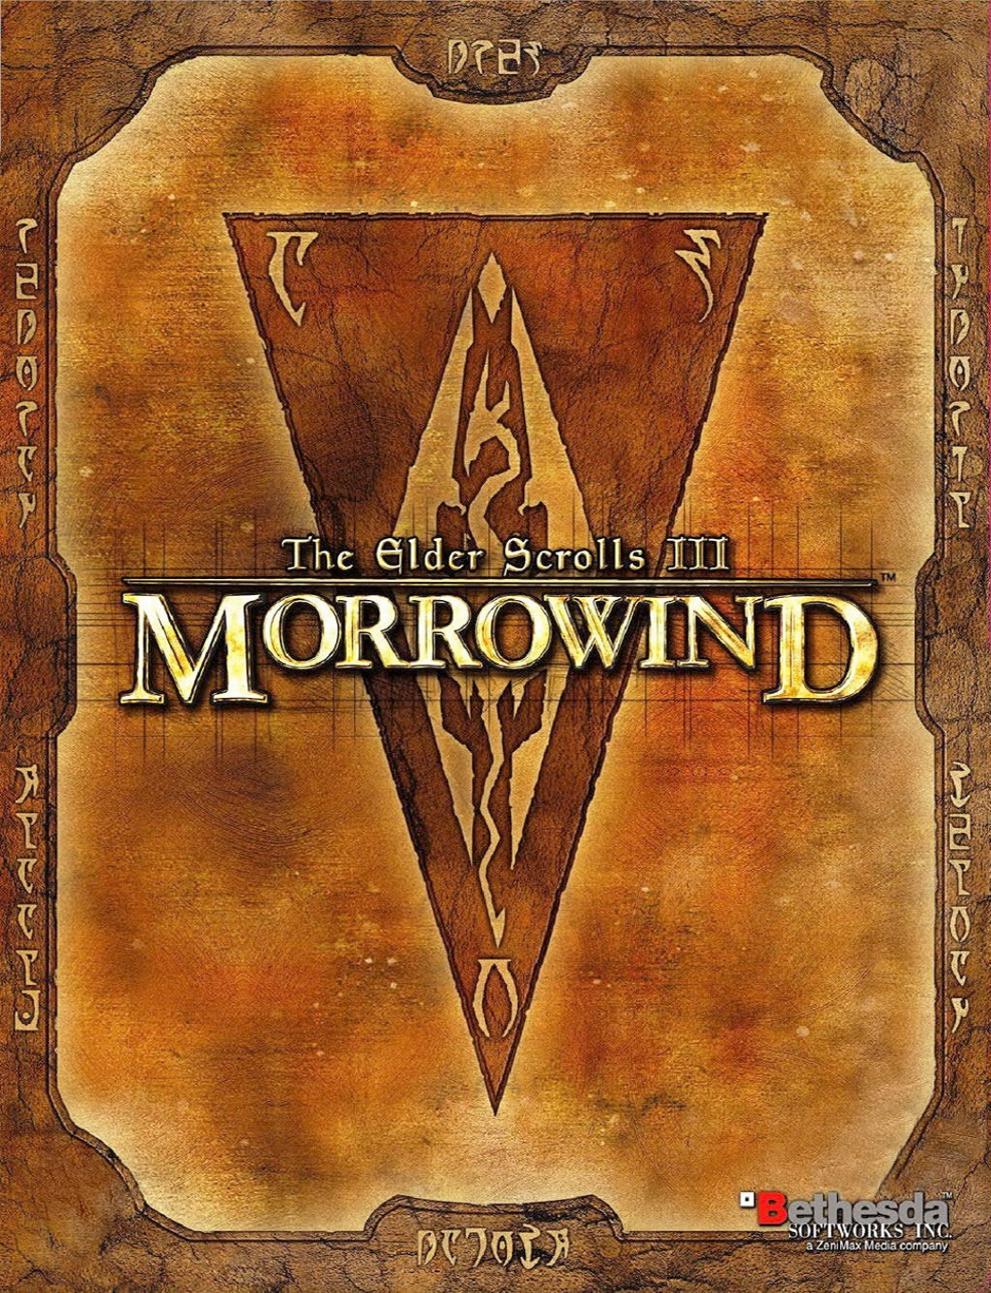 The Elder Scrolls III: Morrowind   Elder Scrolls   FANDOM